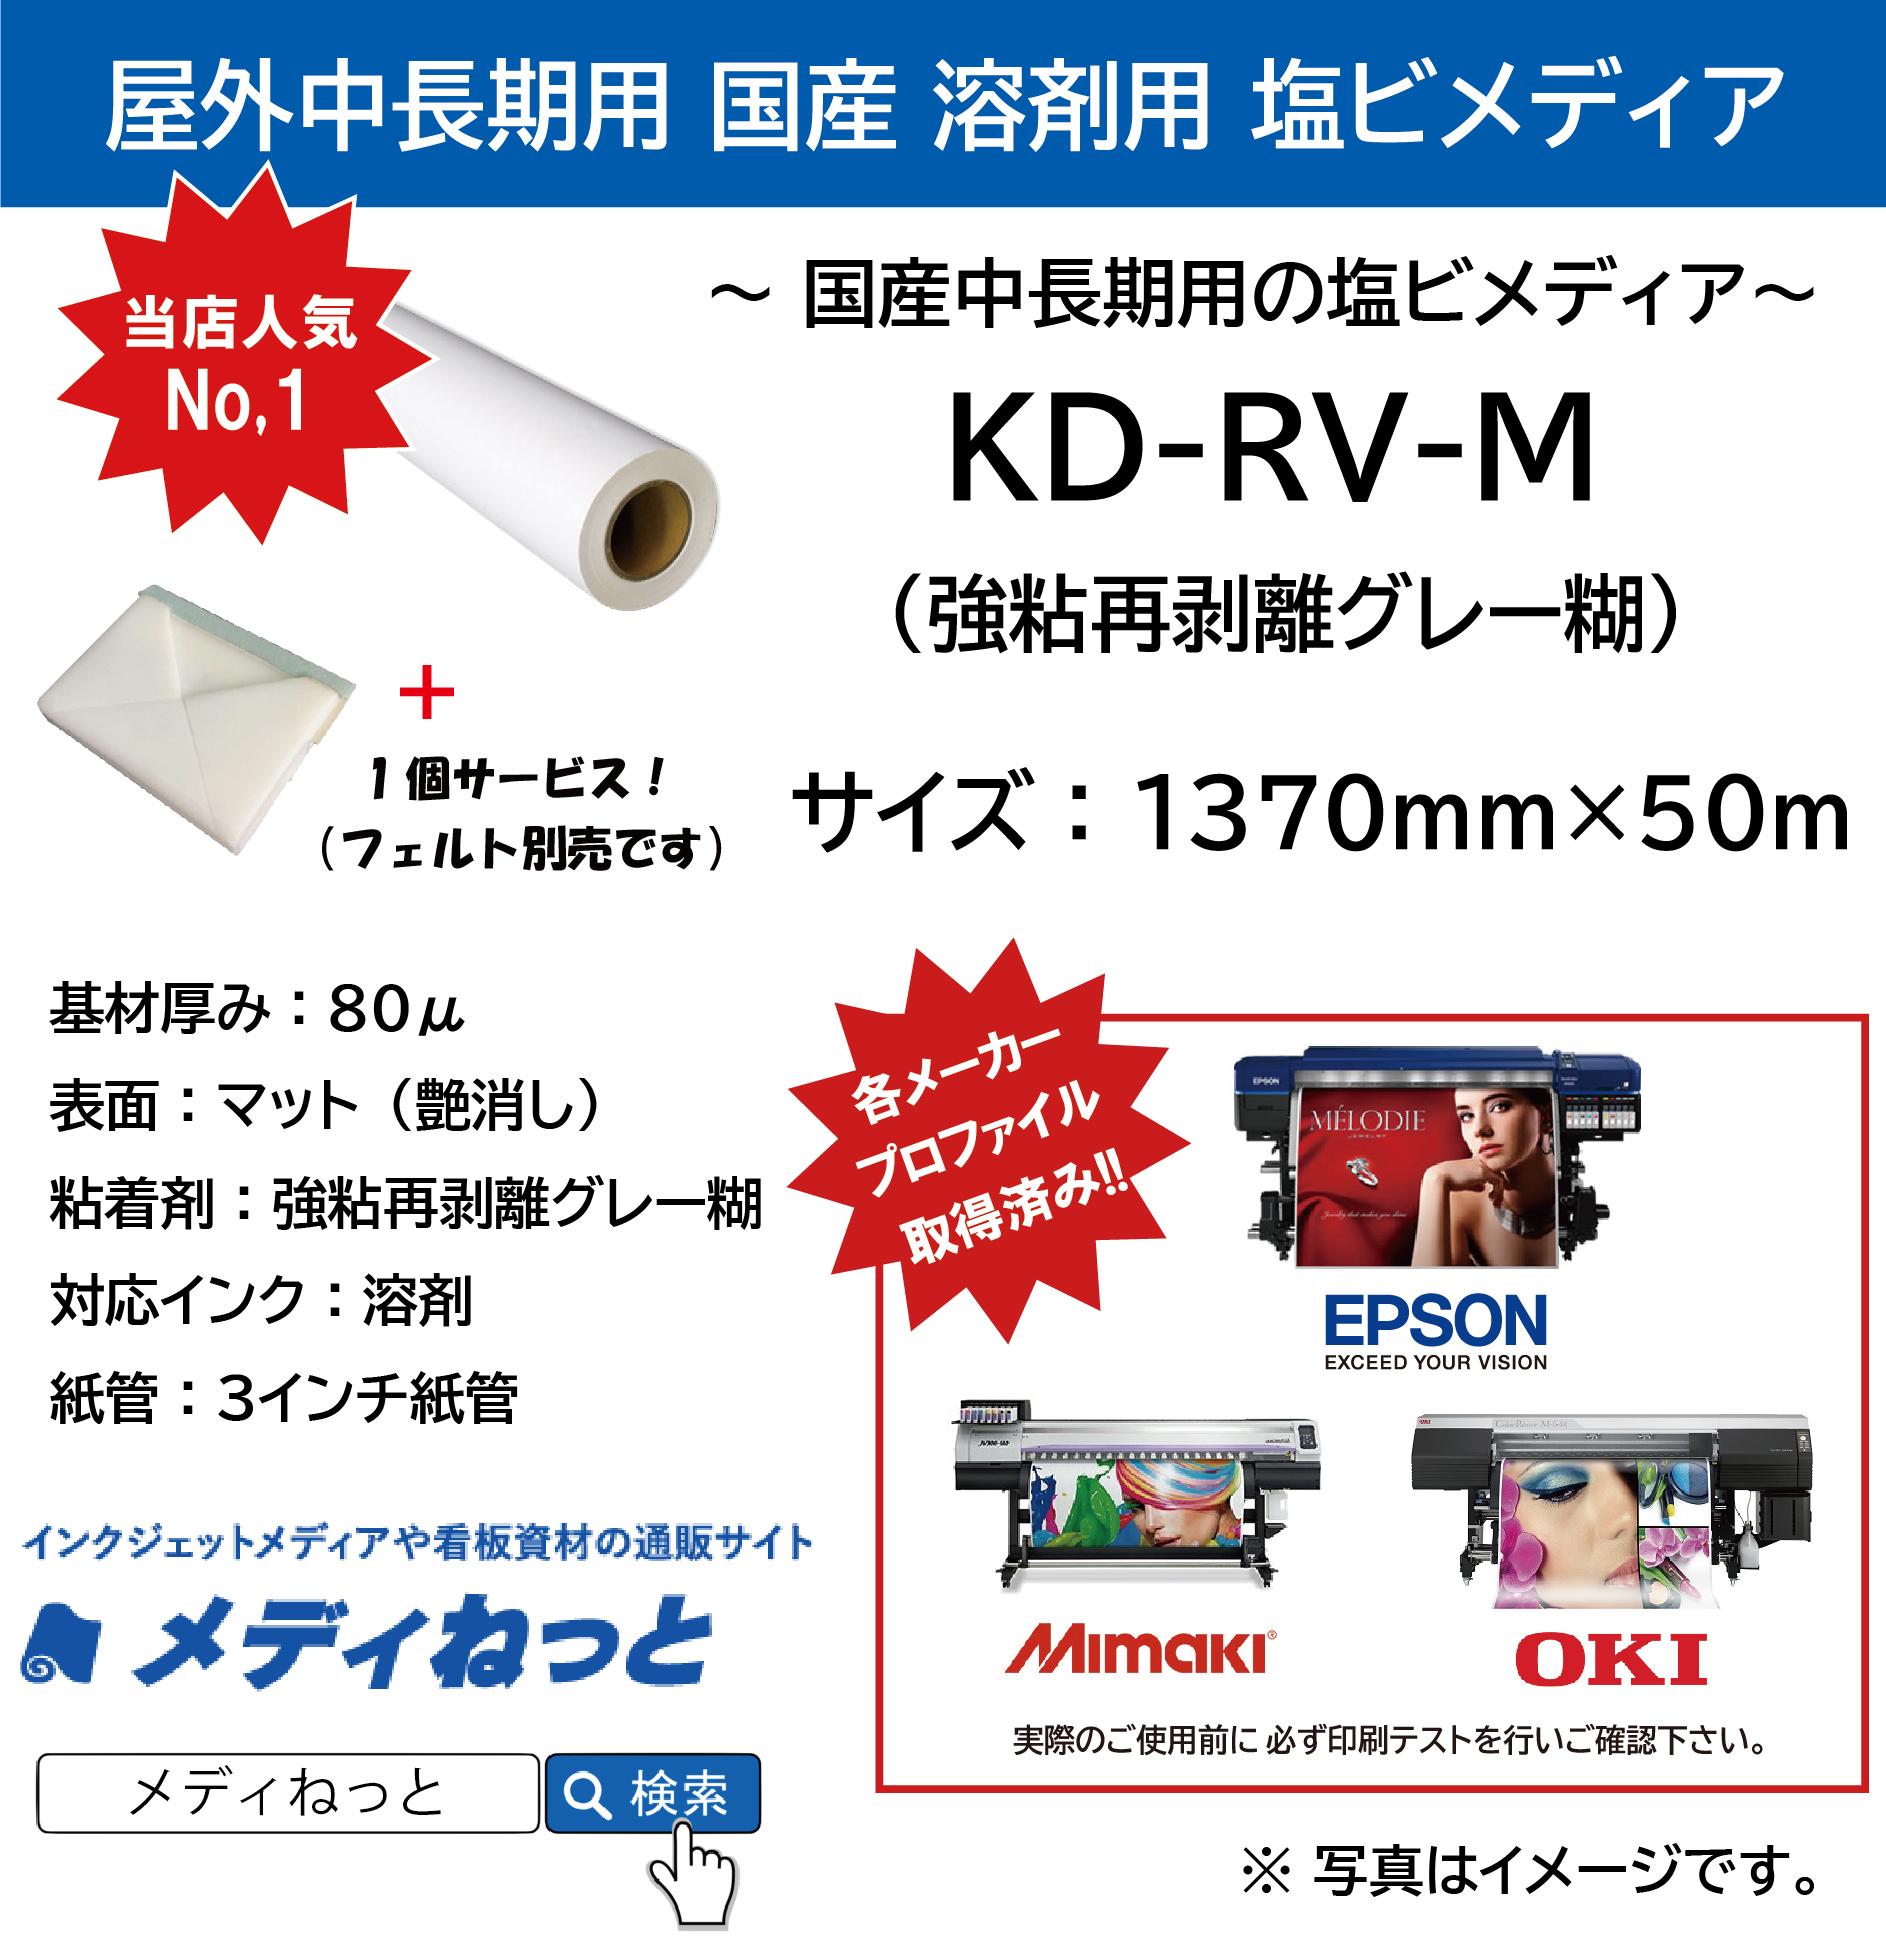 【30本限定!】国産中長期マット塩ビ KD-RV-M(強粘再剥離グレー糊) 1370mm×50m+マキコミージー